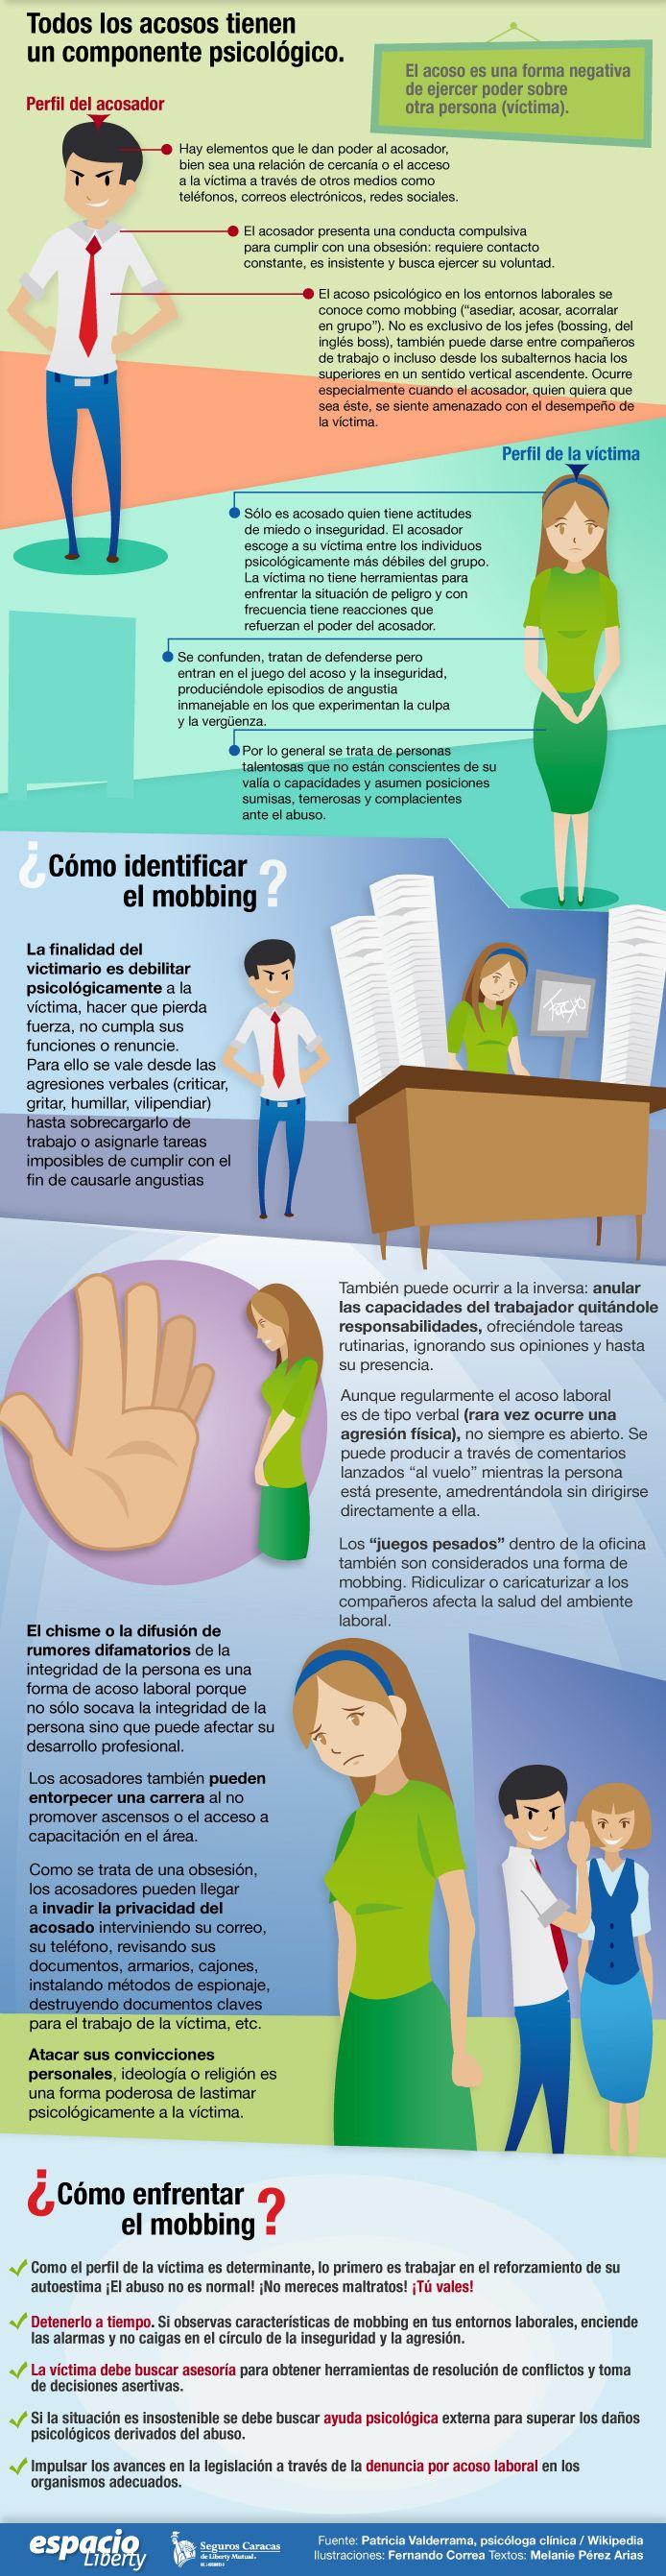 Acoso y mobbing en el trabajo #infografia #infographic